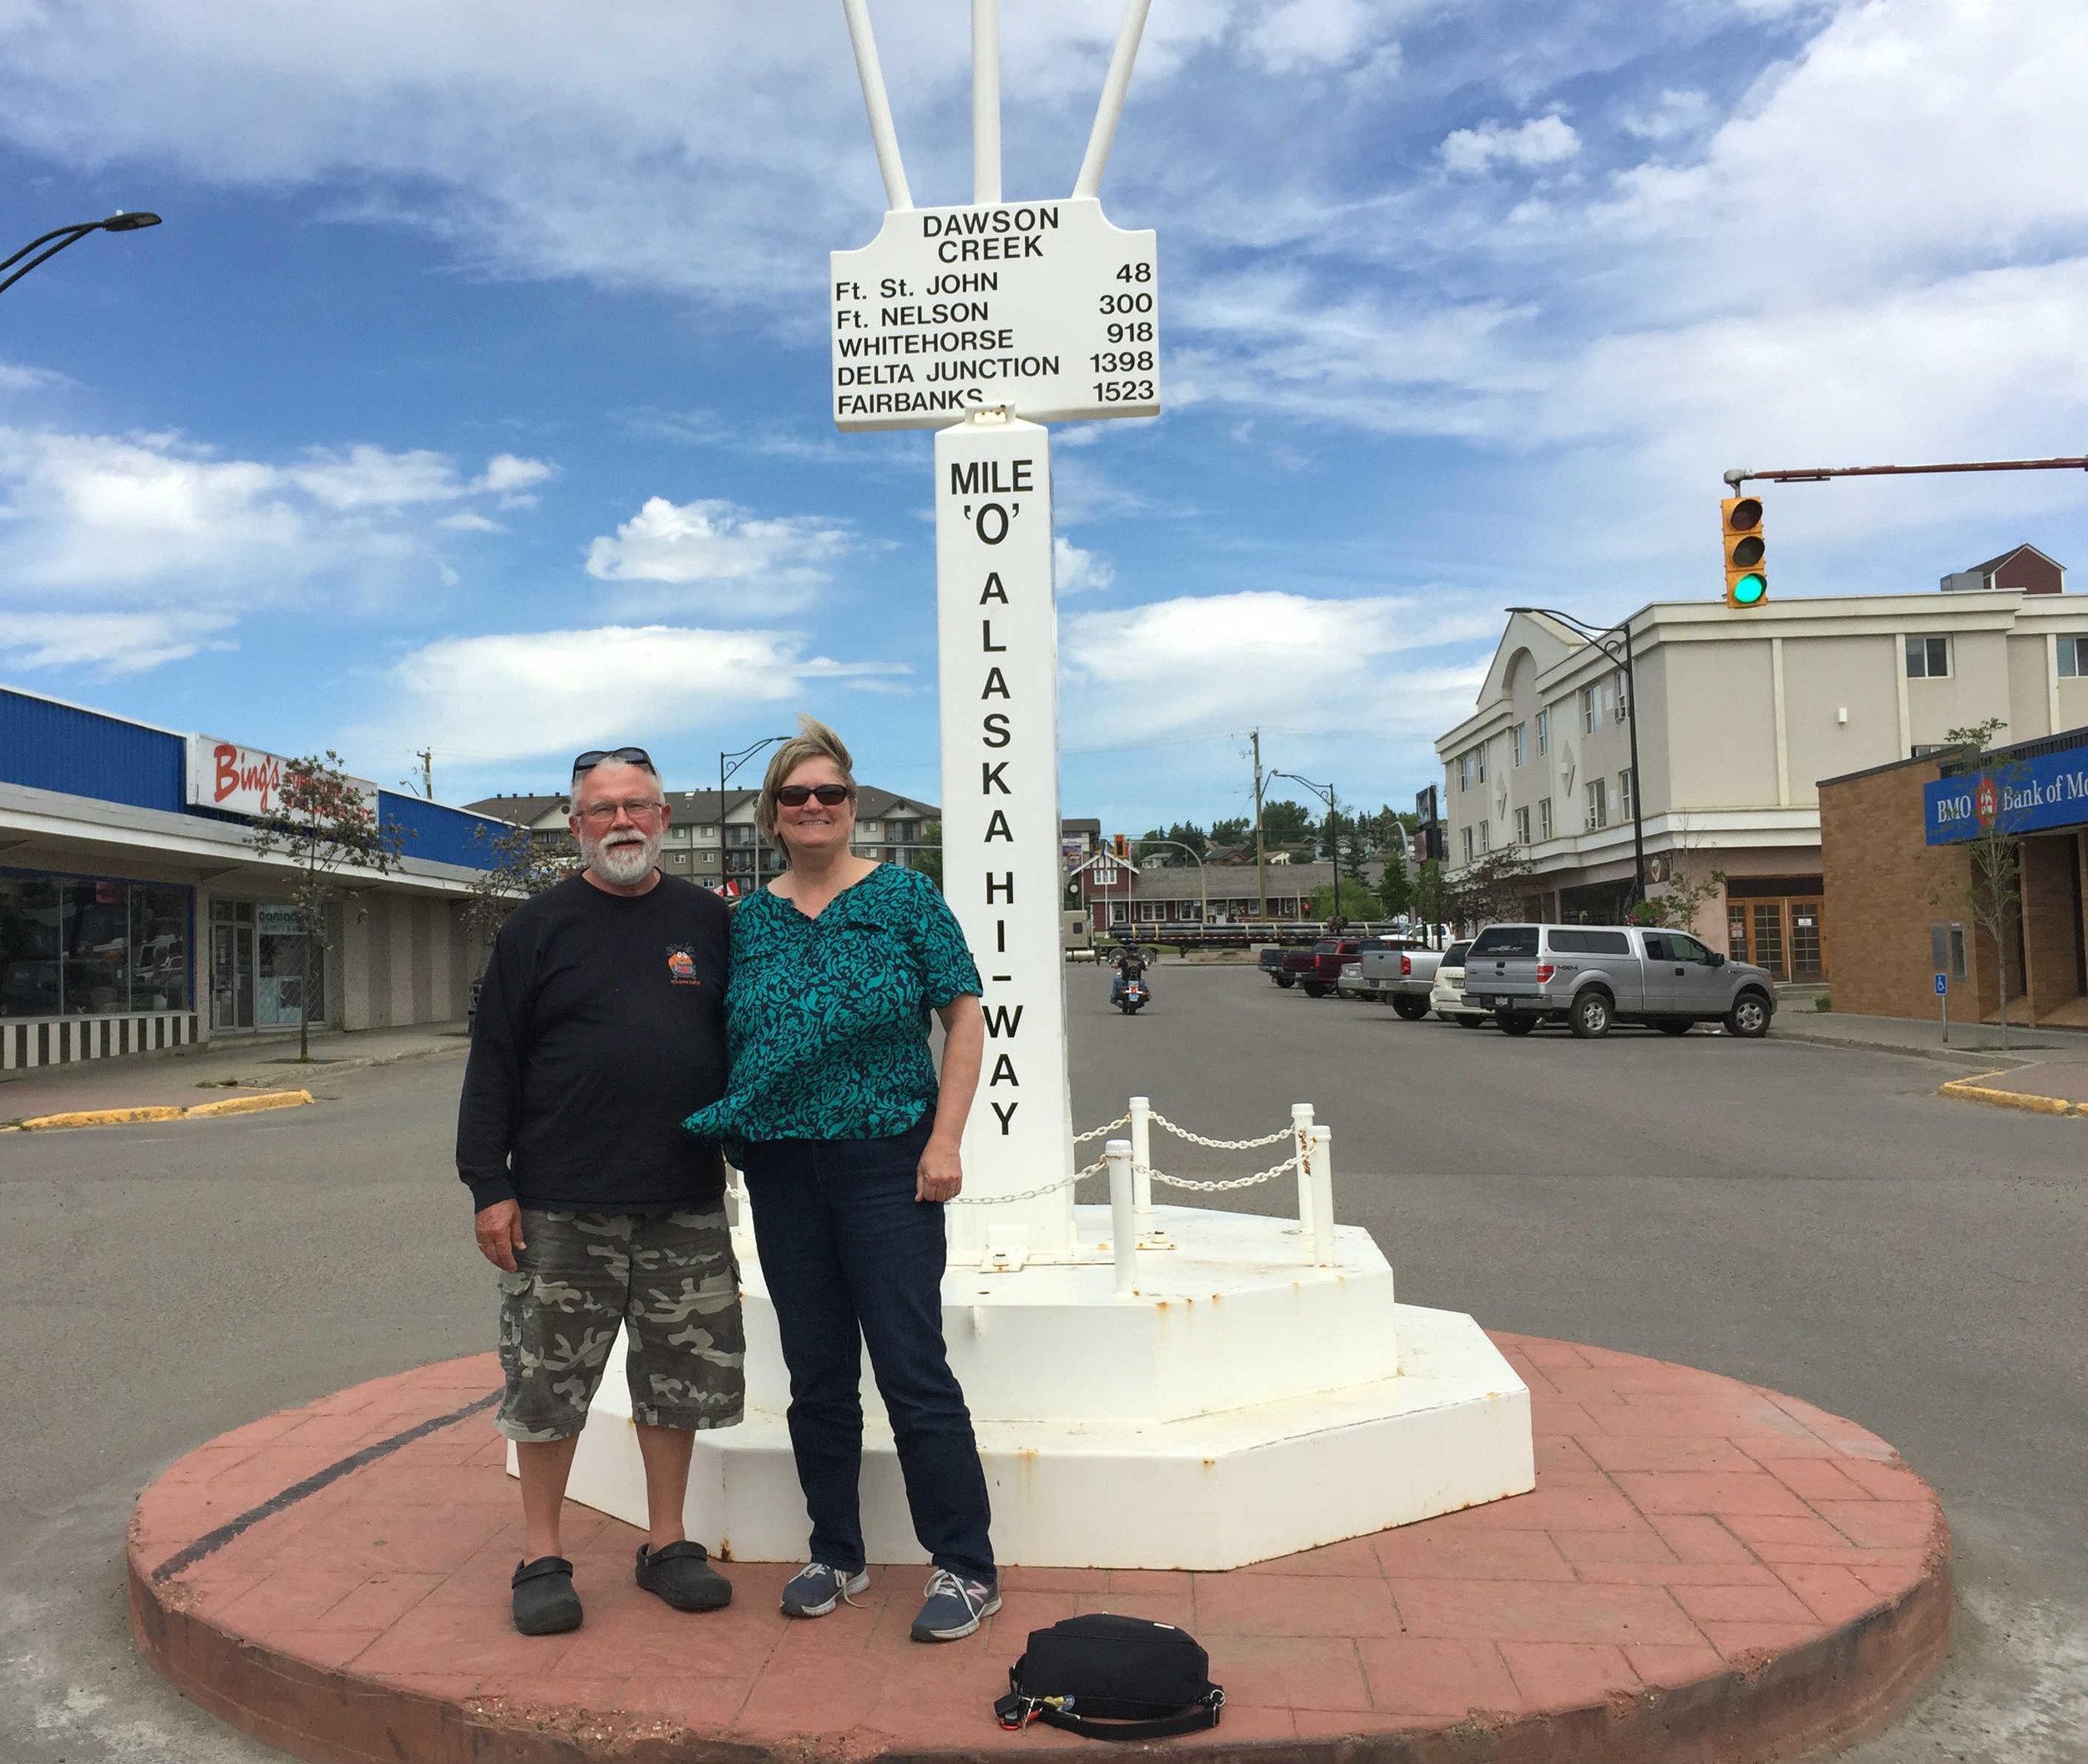 milepost 0 Alaska Highway